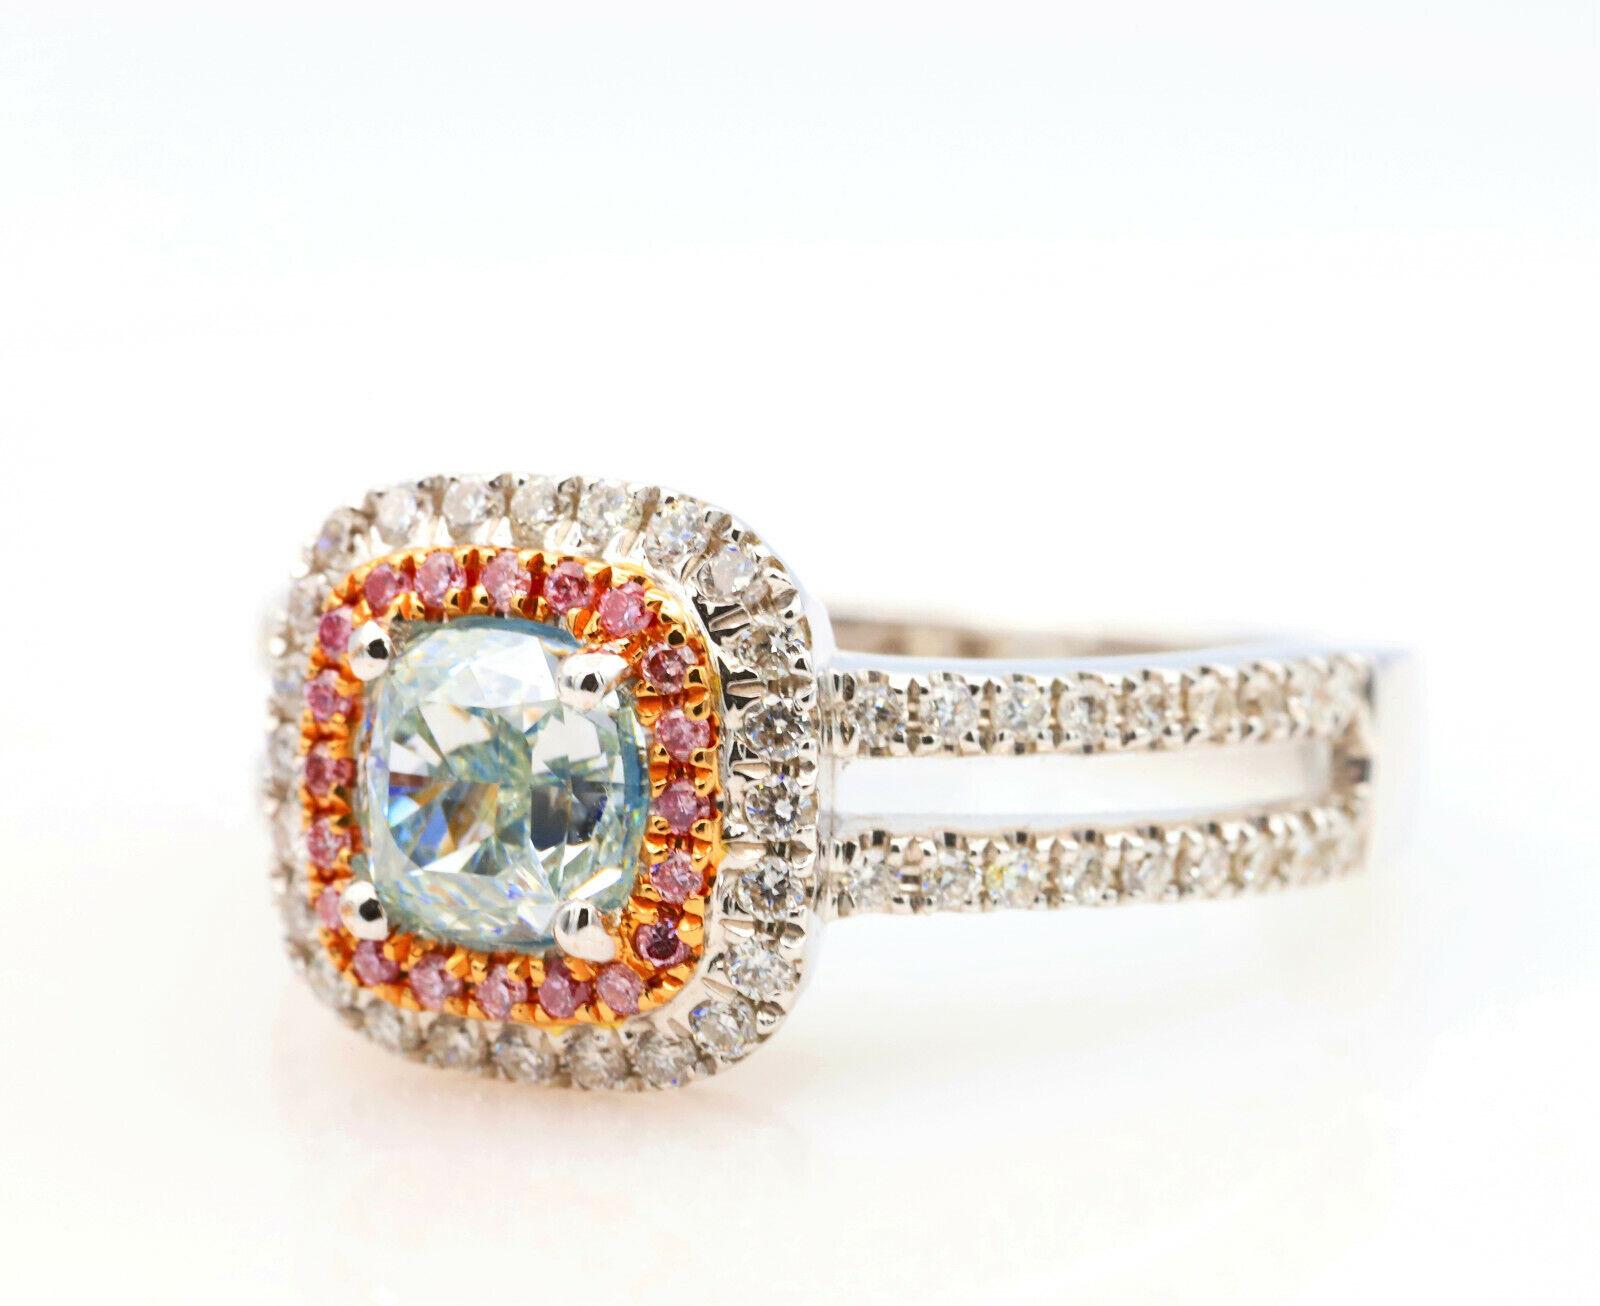 1.50ct Natural Fancy Light Green Argyle ntense Pink Diamonds Engagement Ring GIA 2